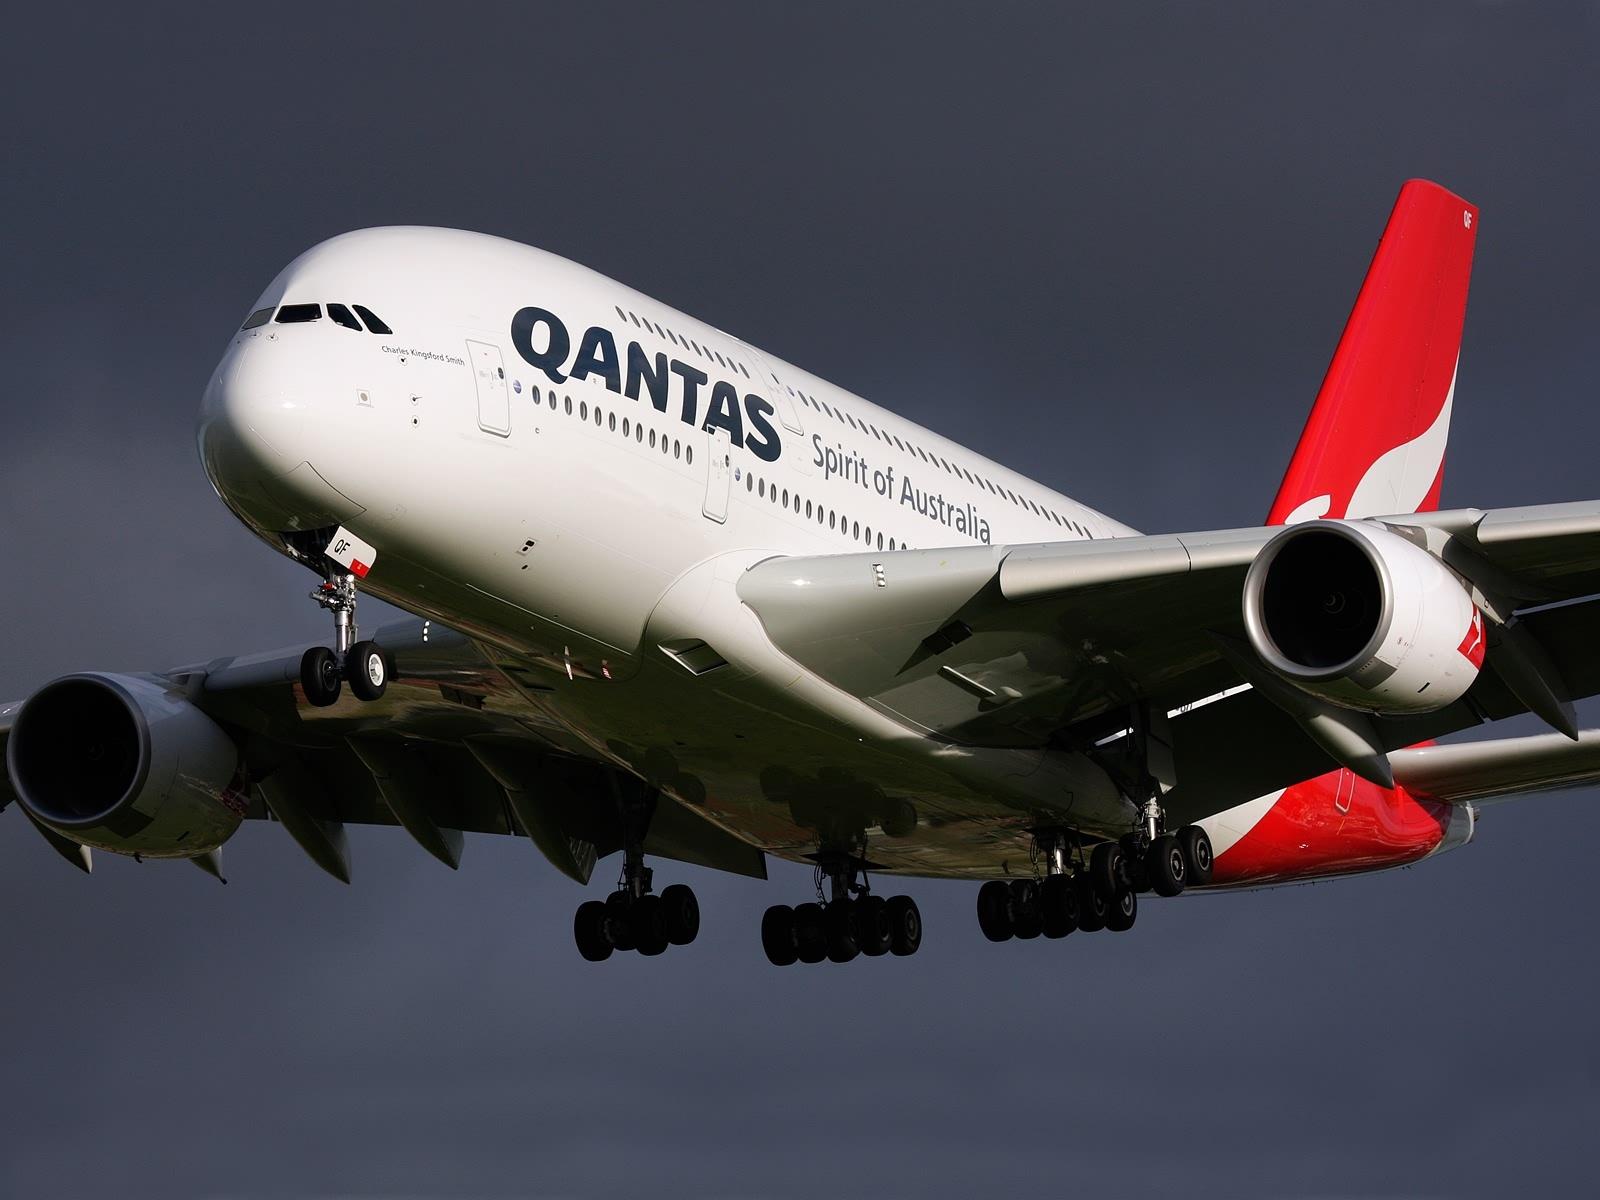 Bewertungen für Aircraft Maintenance Engineer bei Qantas